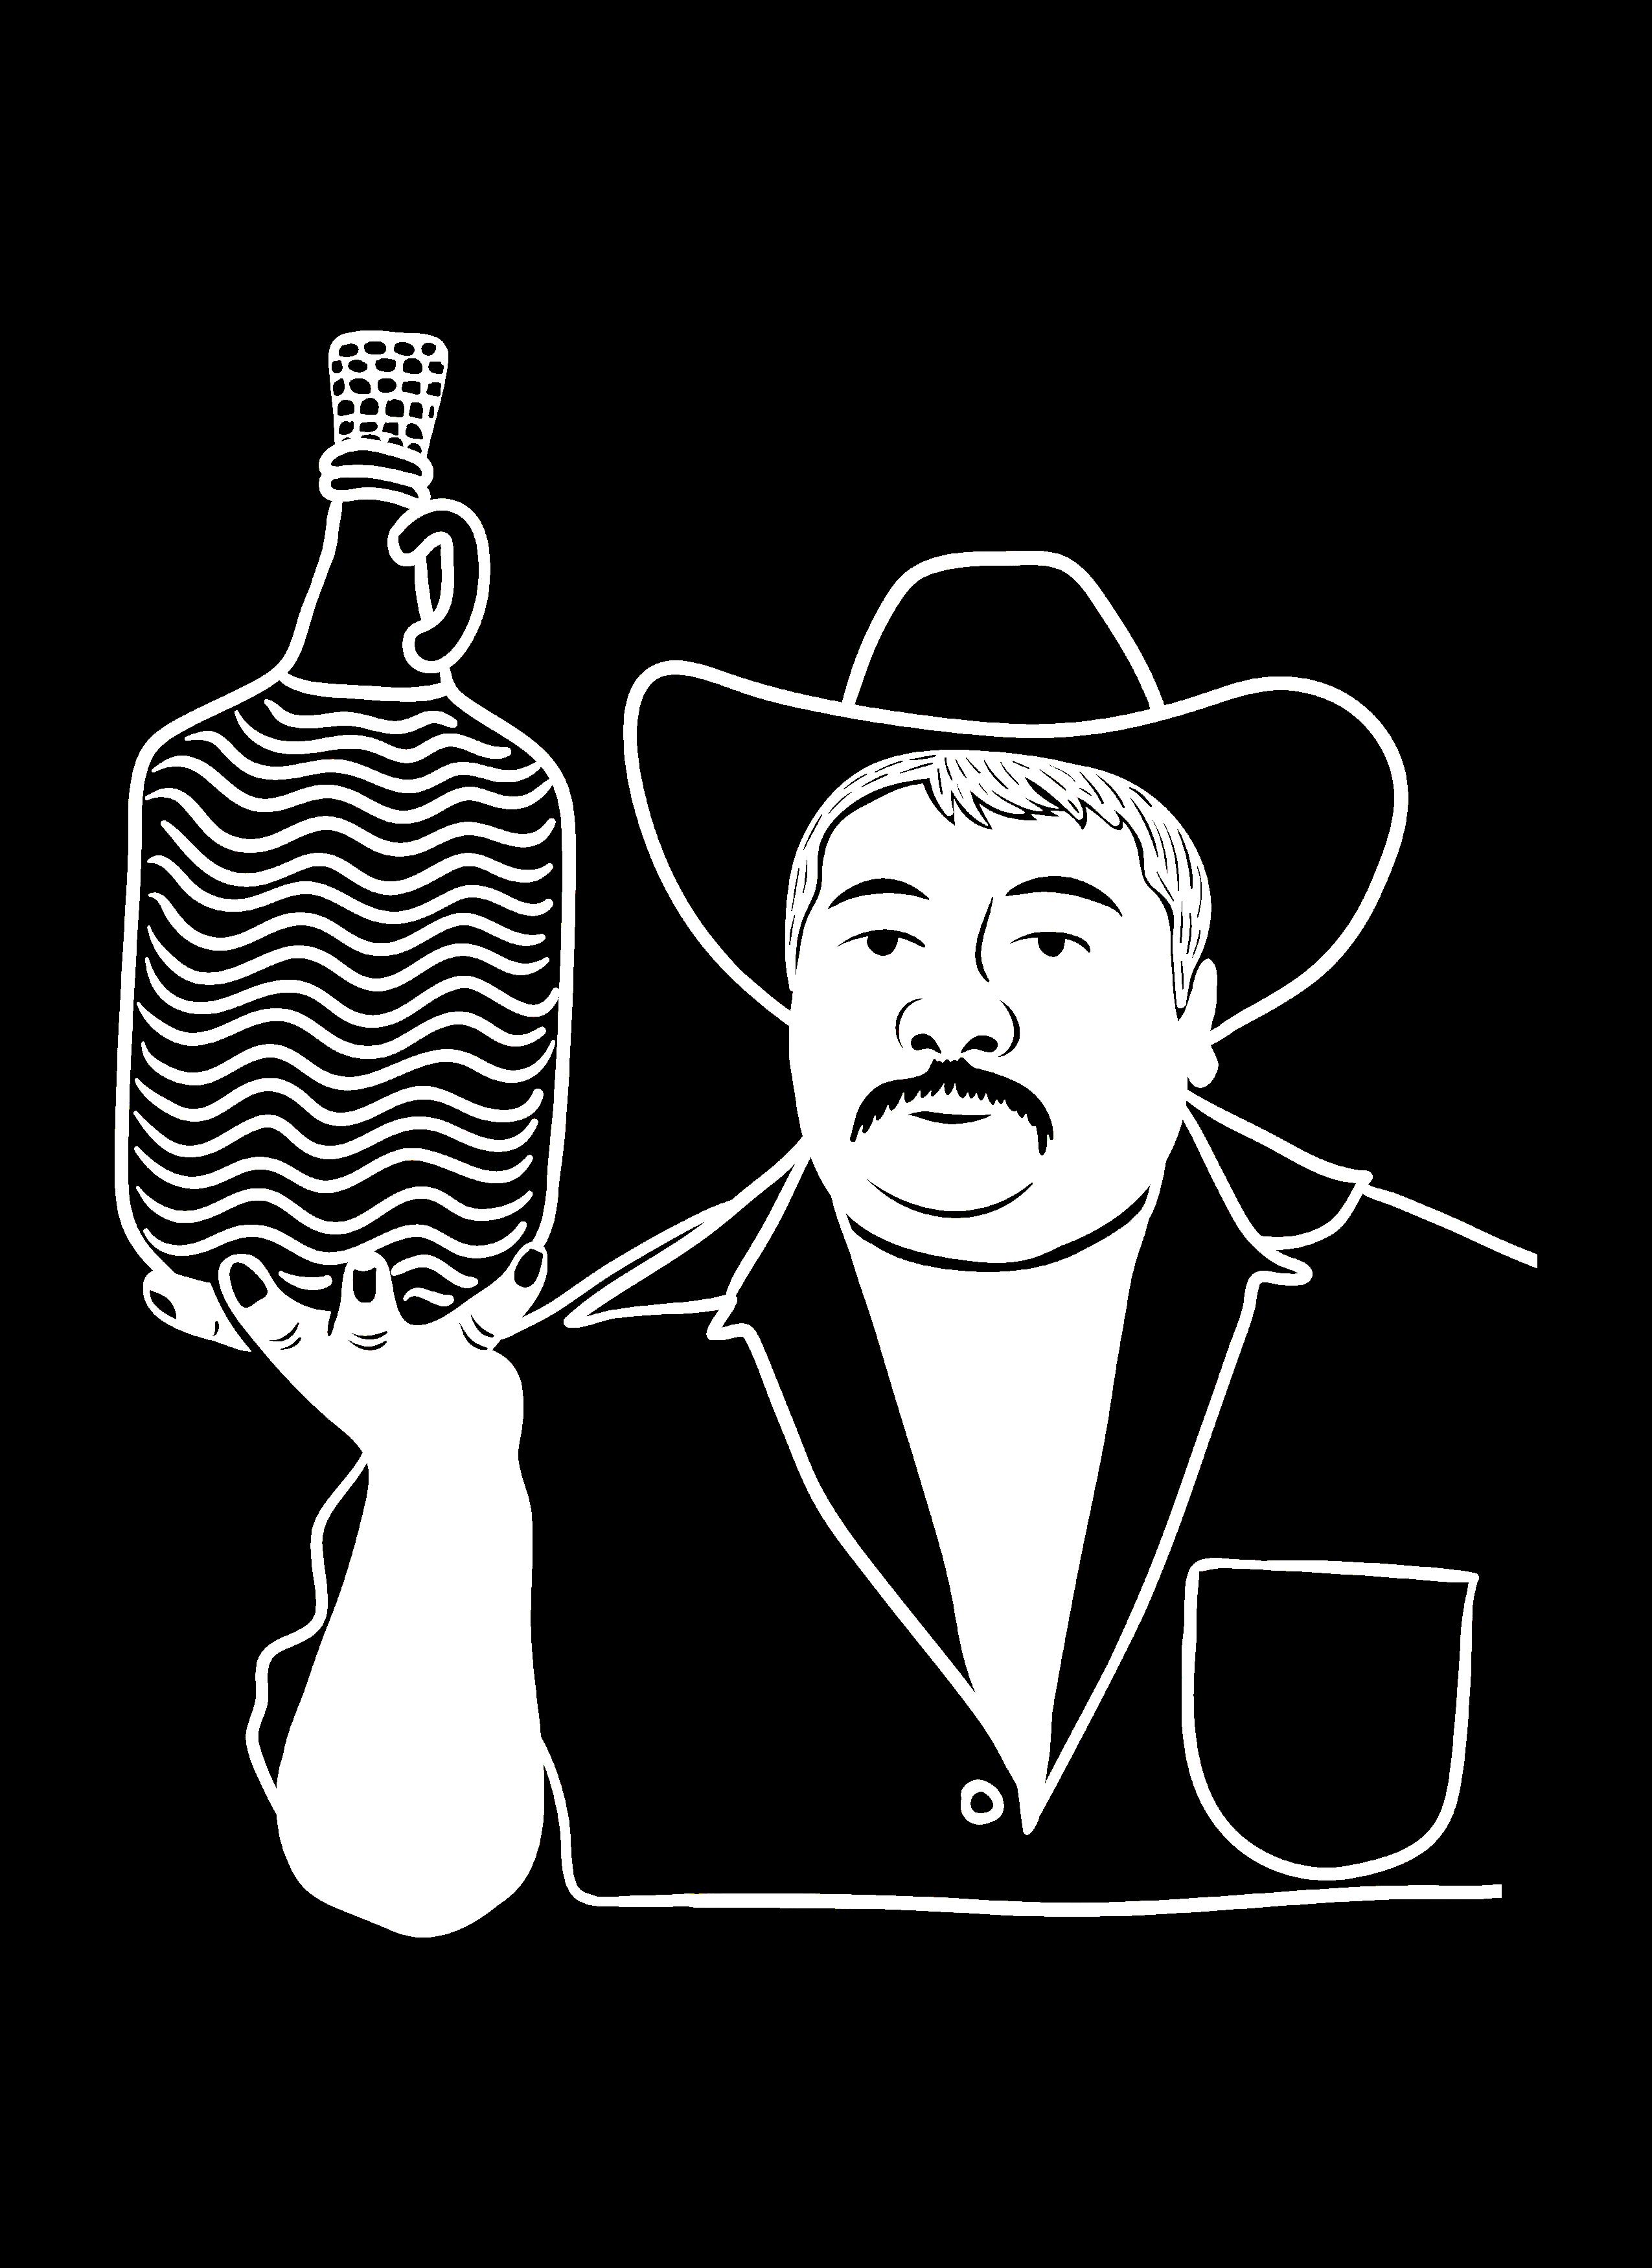 Botella de mezcal